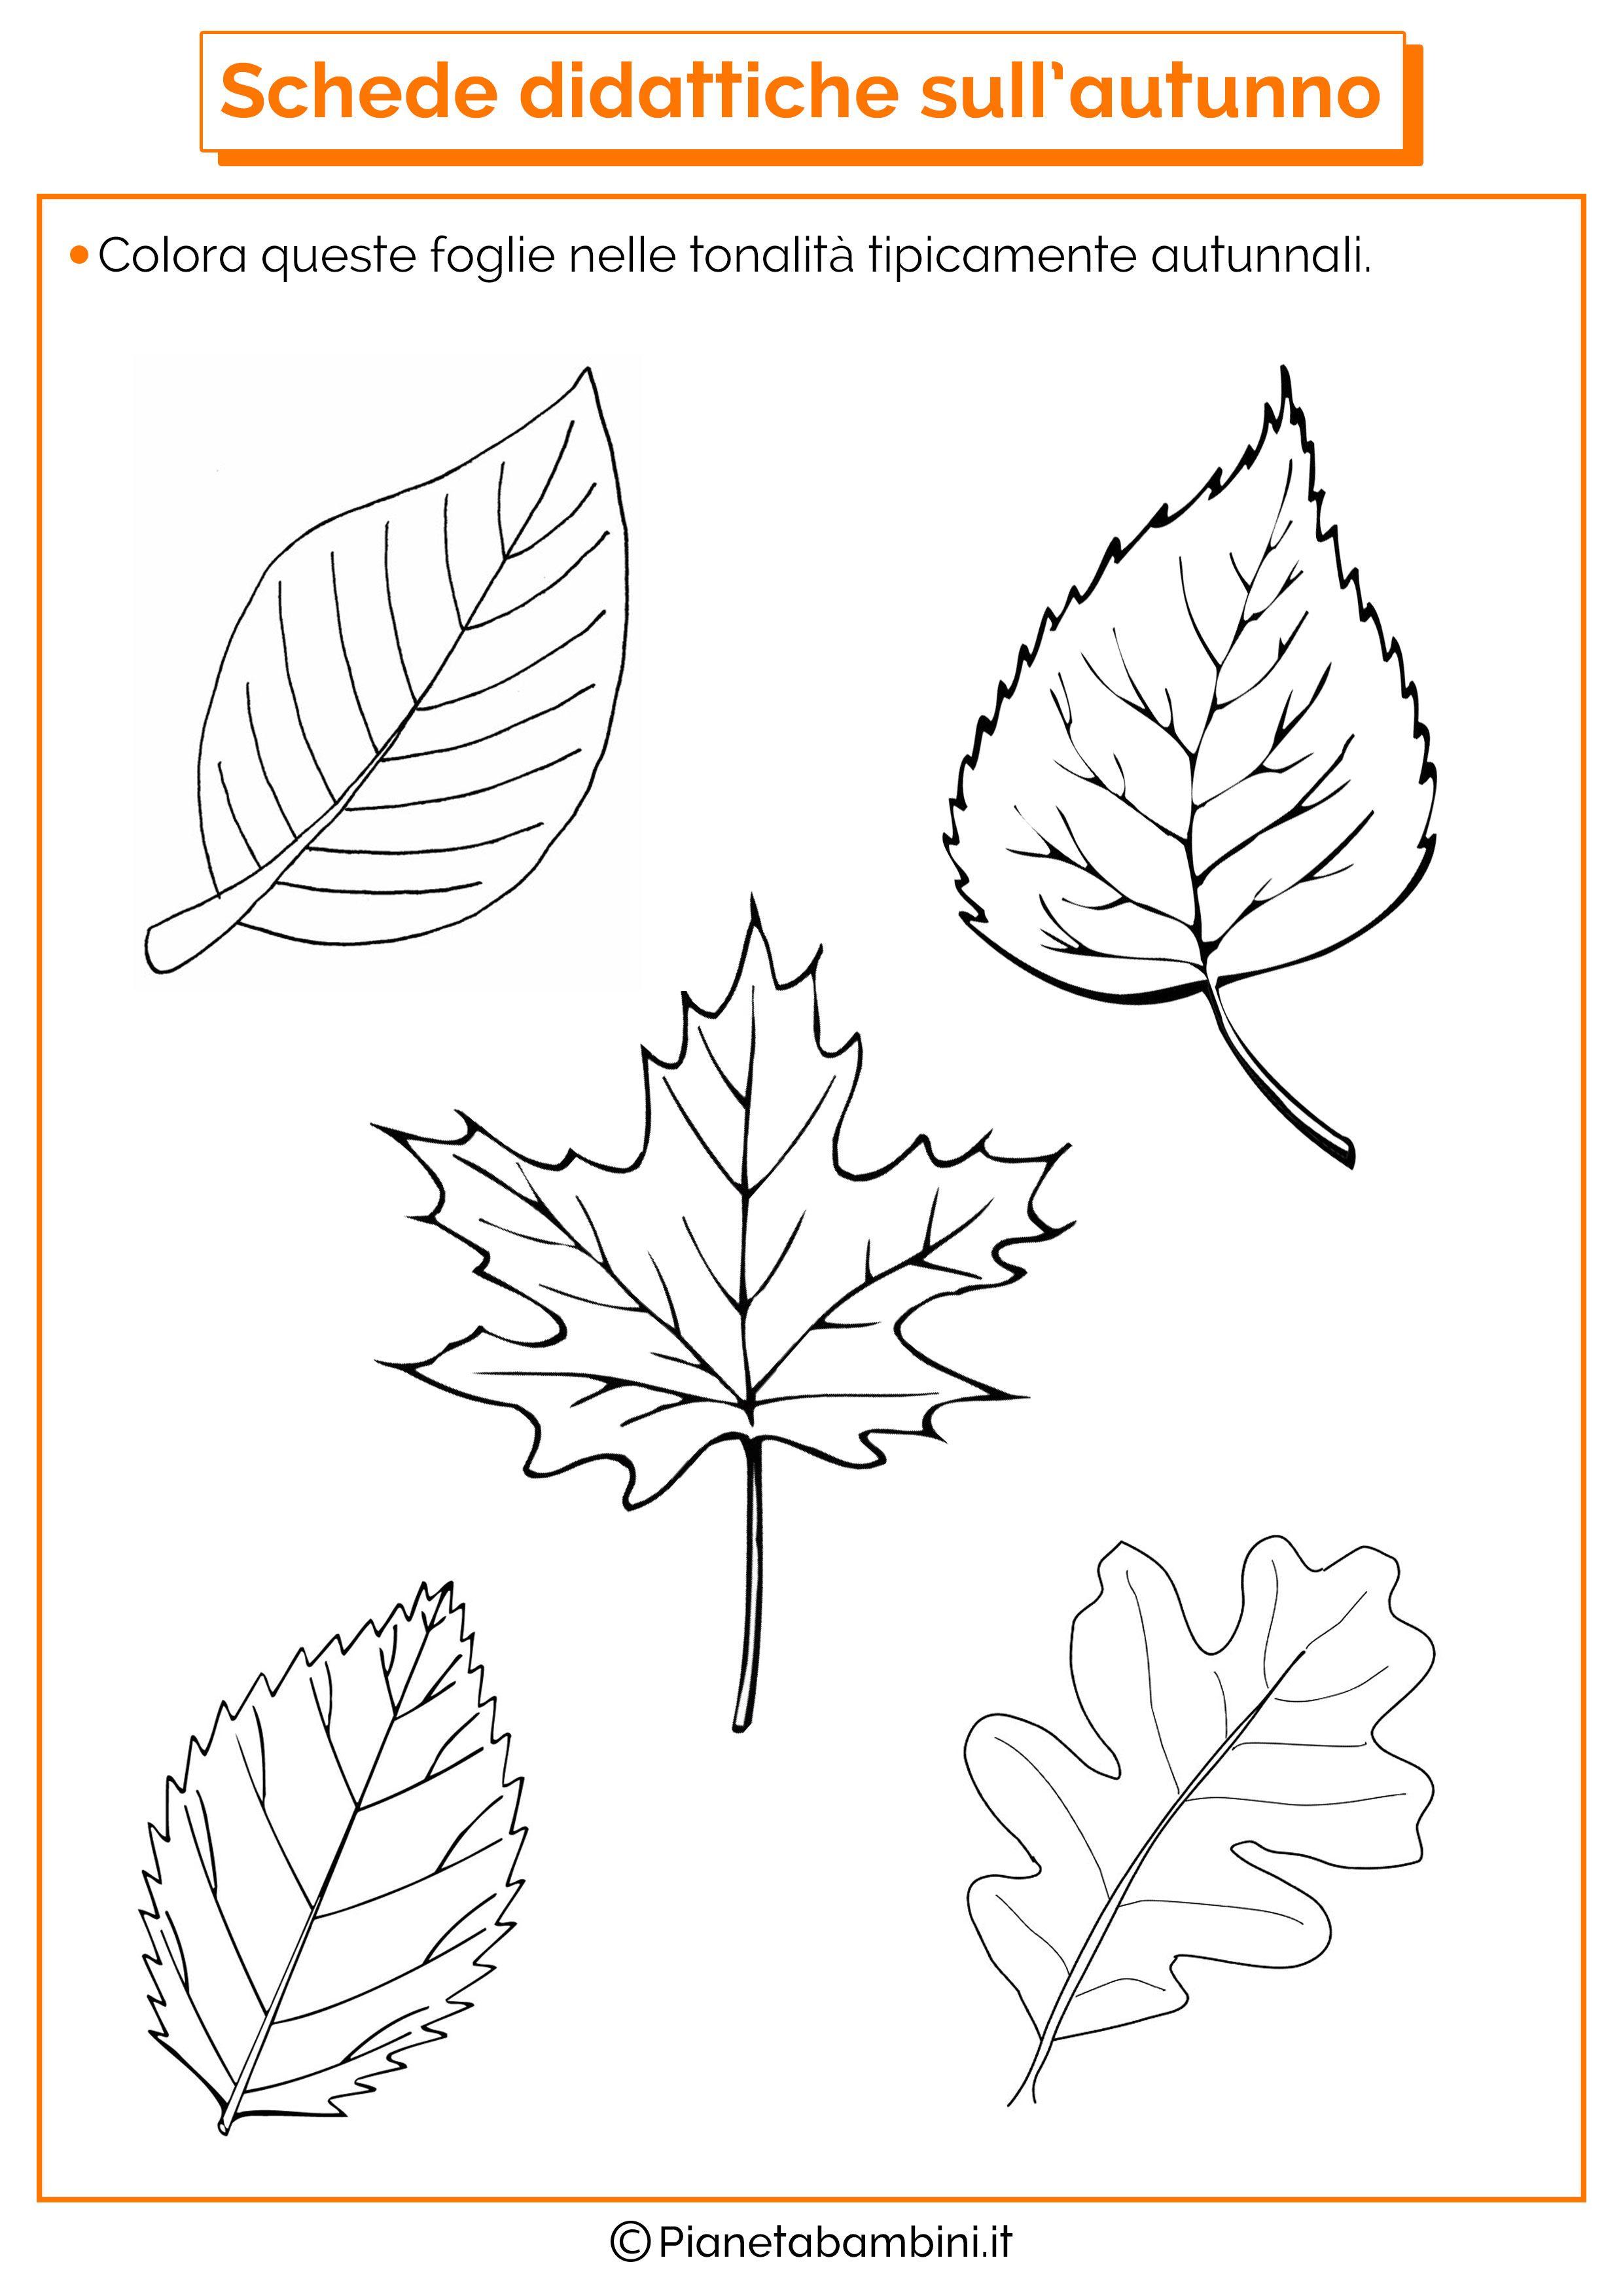 Risultati immagini per schede didattiche sull 39 autunno for Schede didattiche natale scuola dell infanzia